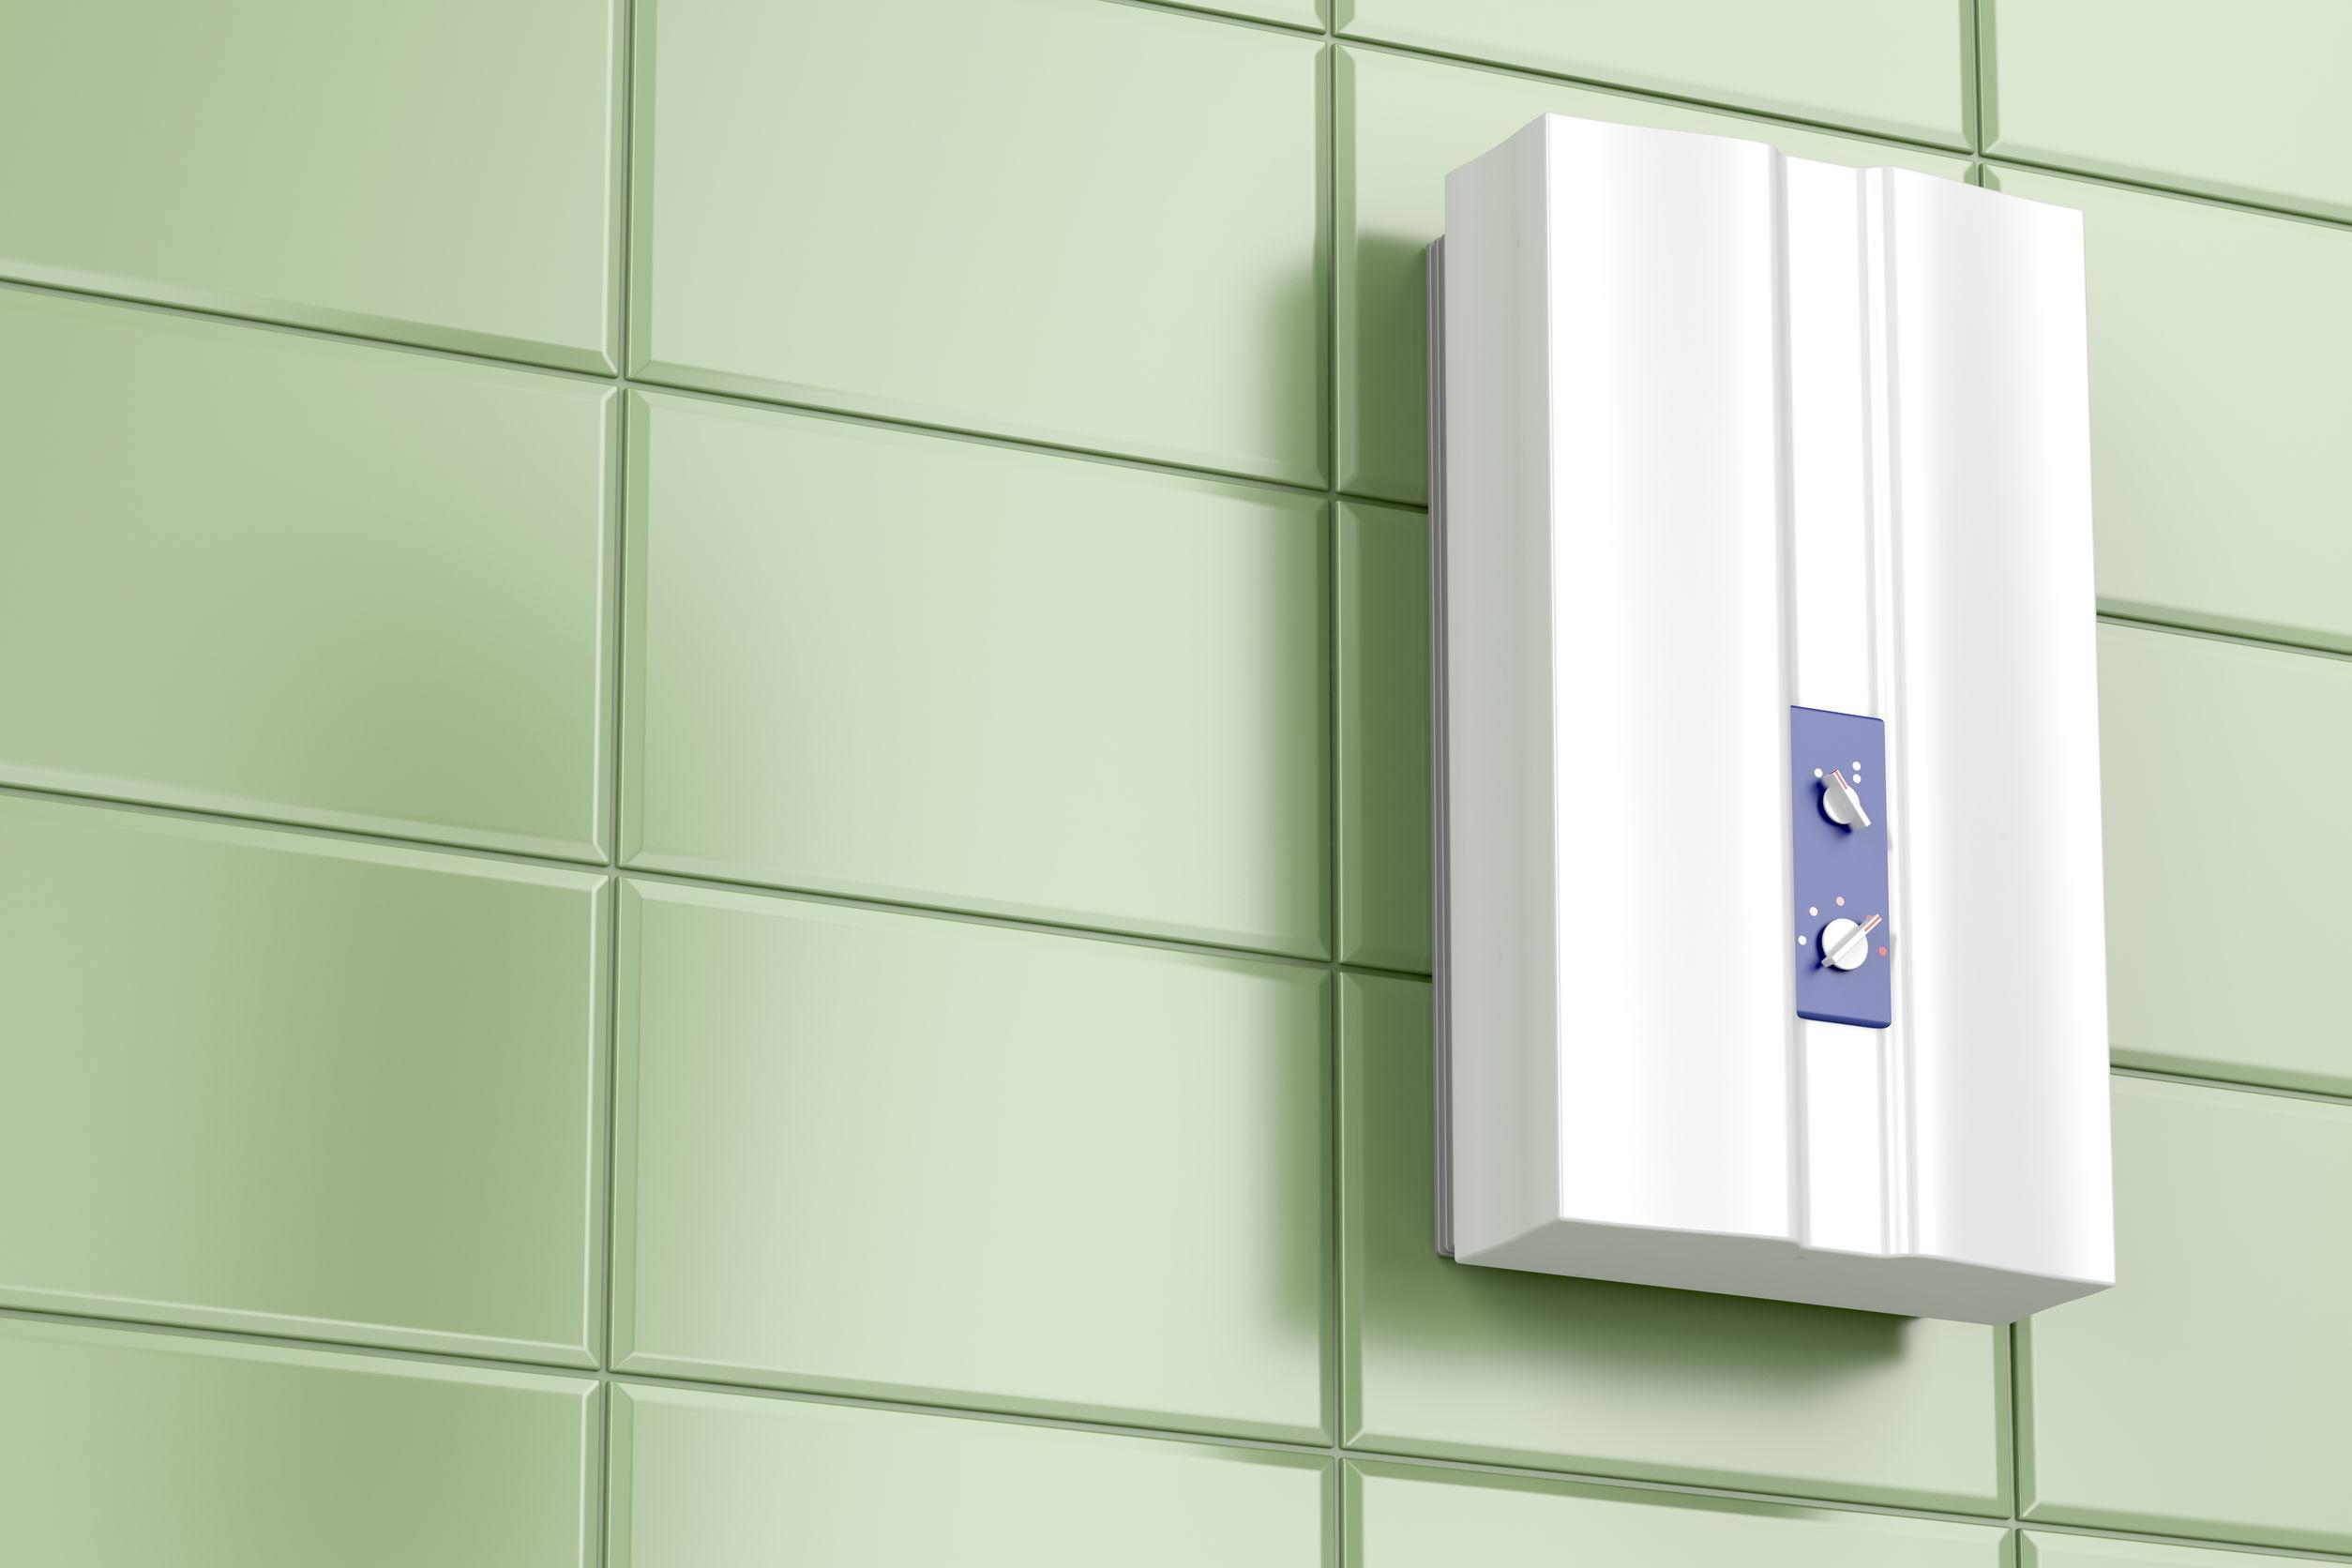 Calentador eléctrico instantáneo: ¿Cuál es el mejor del 2020?